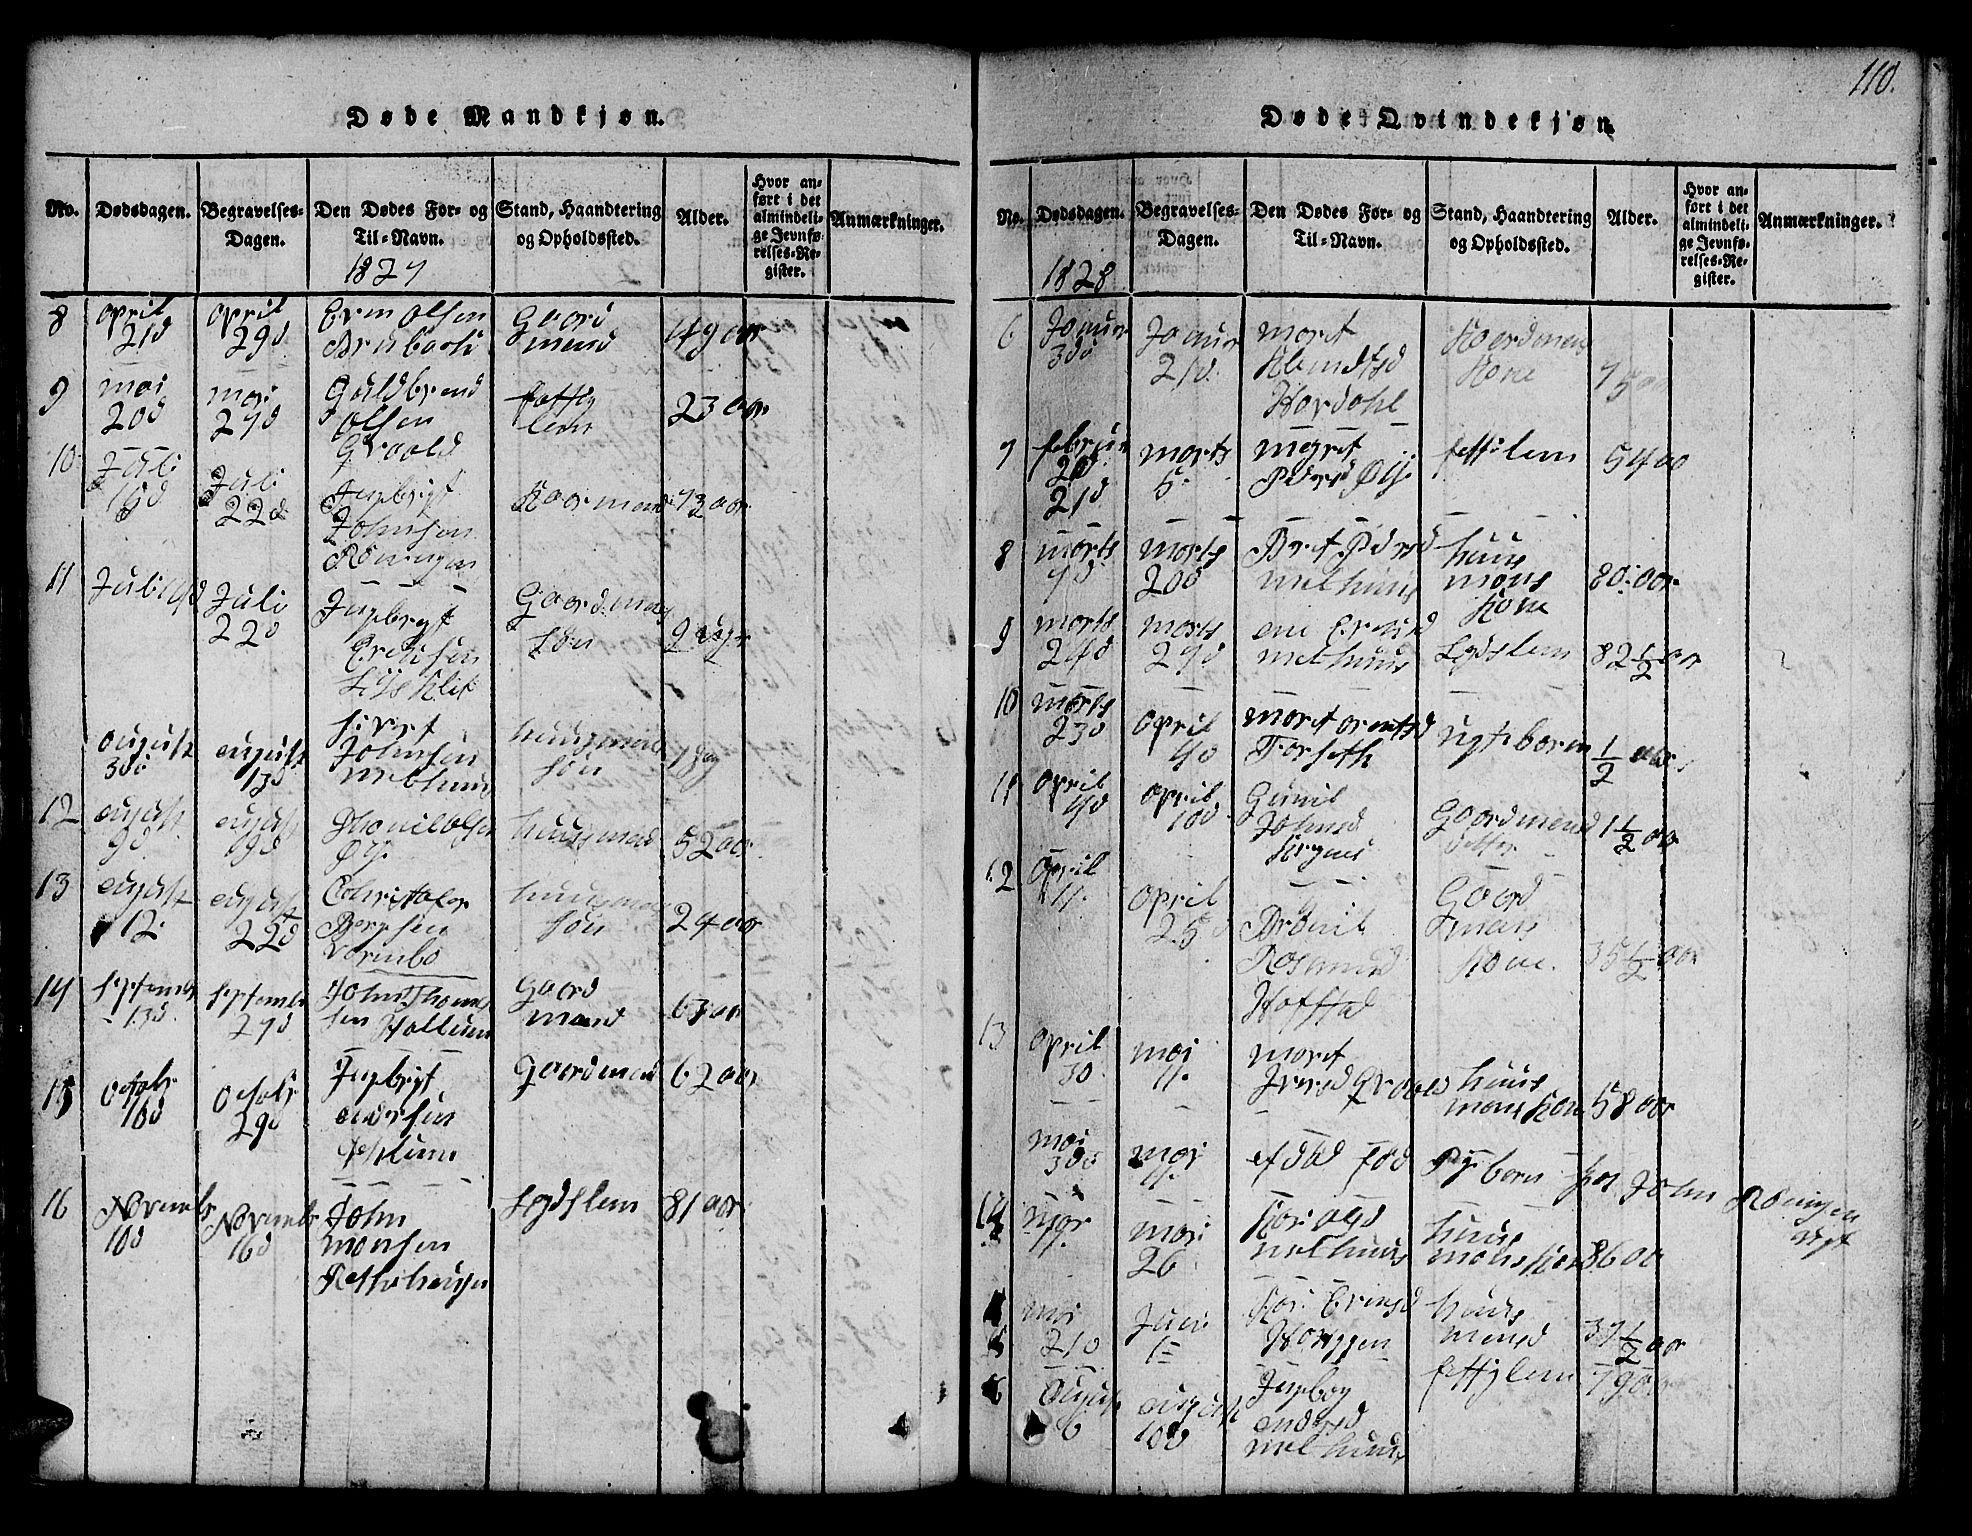 SAT, Ministerialprotokoller, klokkerbøker og fødselsregistre - Sør-Trøndelag, 691/L1092: Klokkerbok nr. 691C03, 1816-1852, s. 110